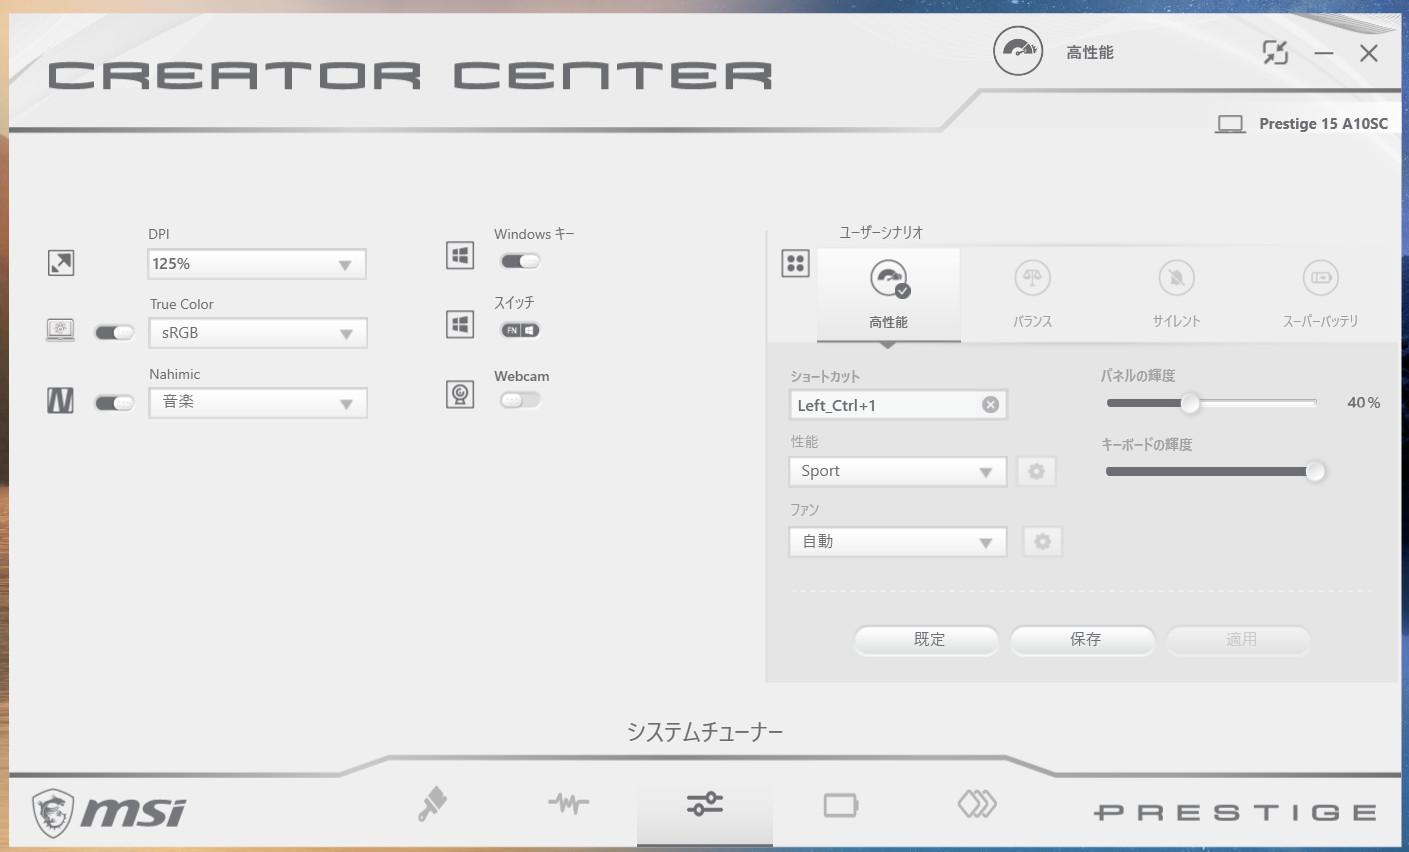 MSI Prestige15 Creator Center